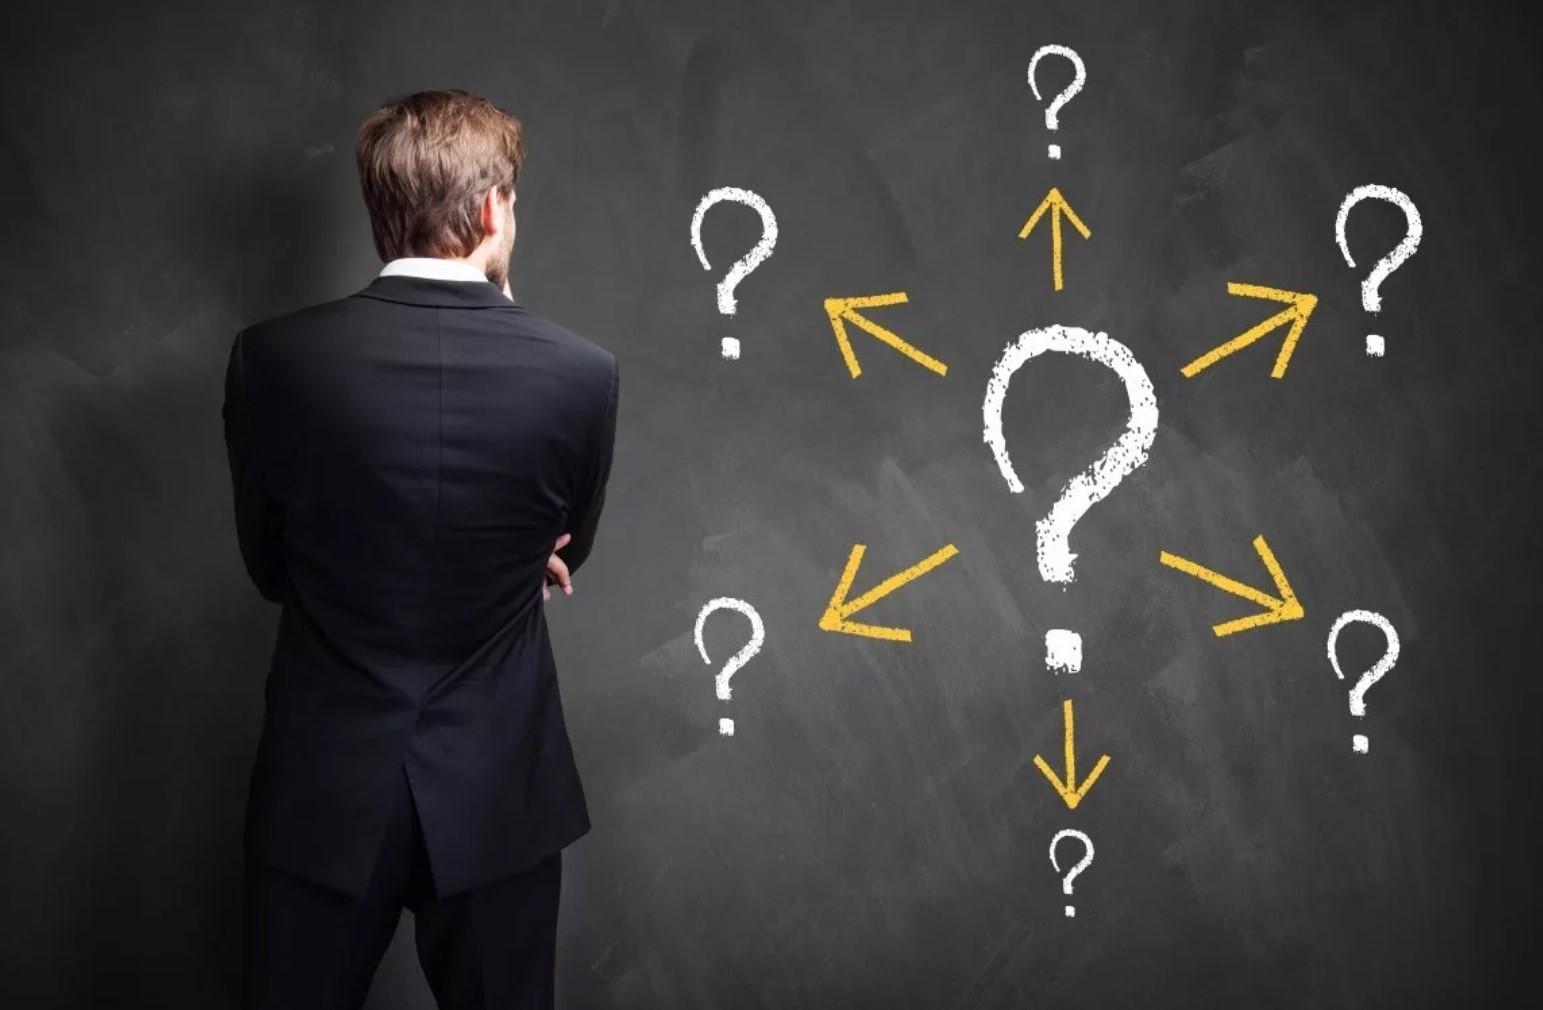 Компетенция «навыки принятия решений»: как ее оценивают работодатели и как ее продемонстрировать